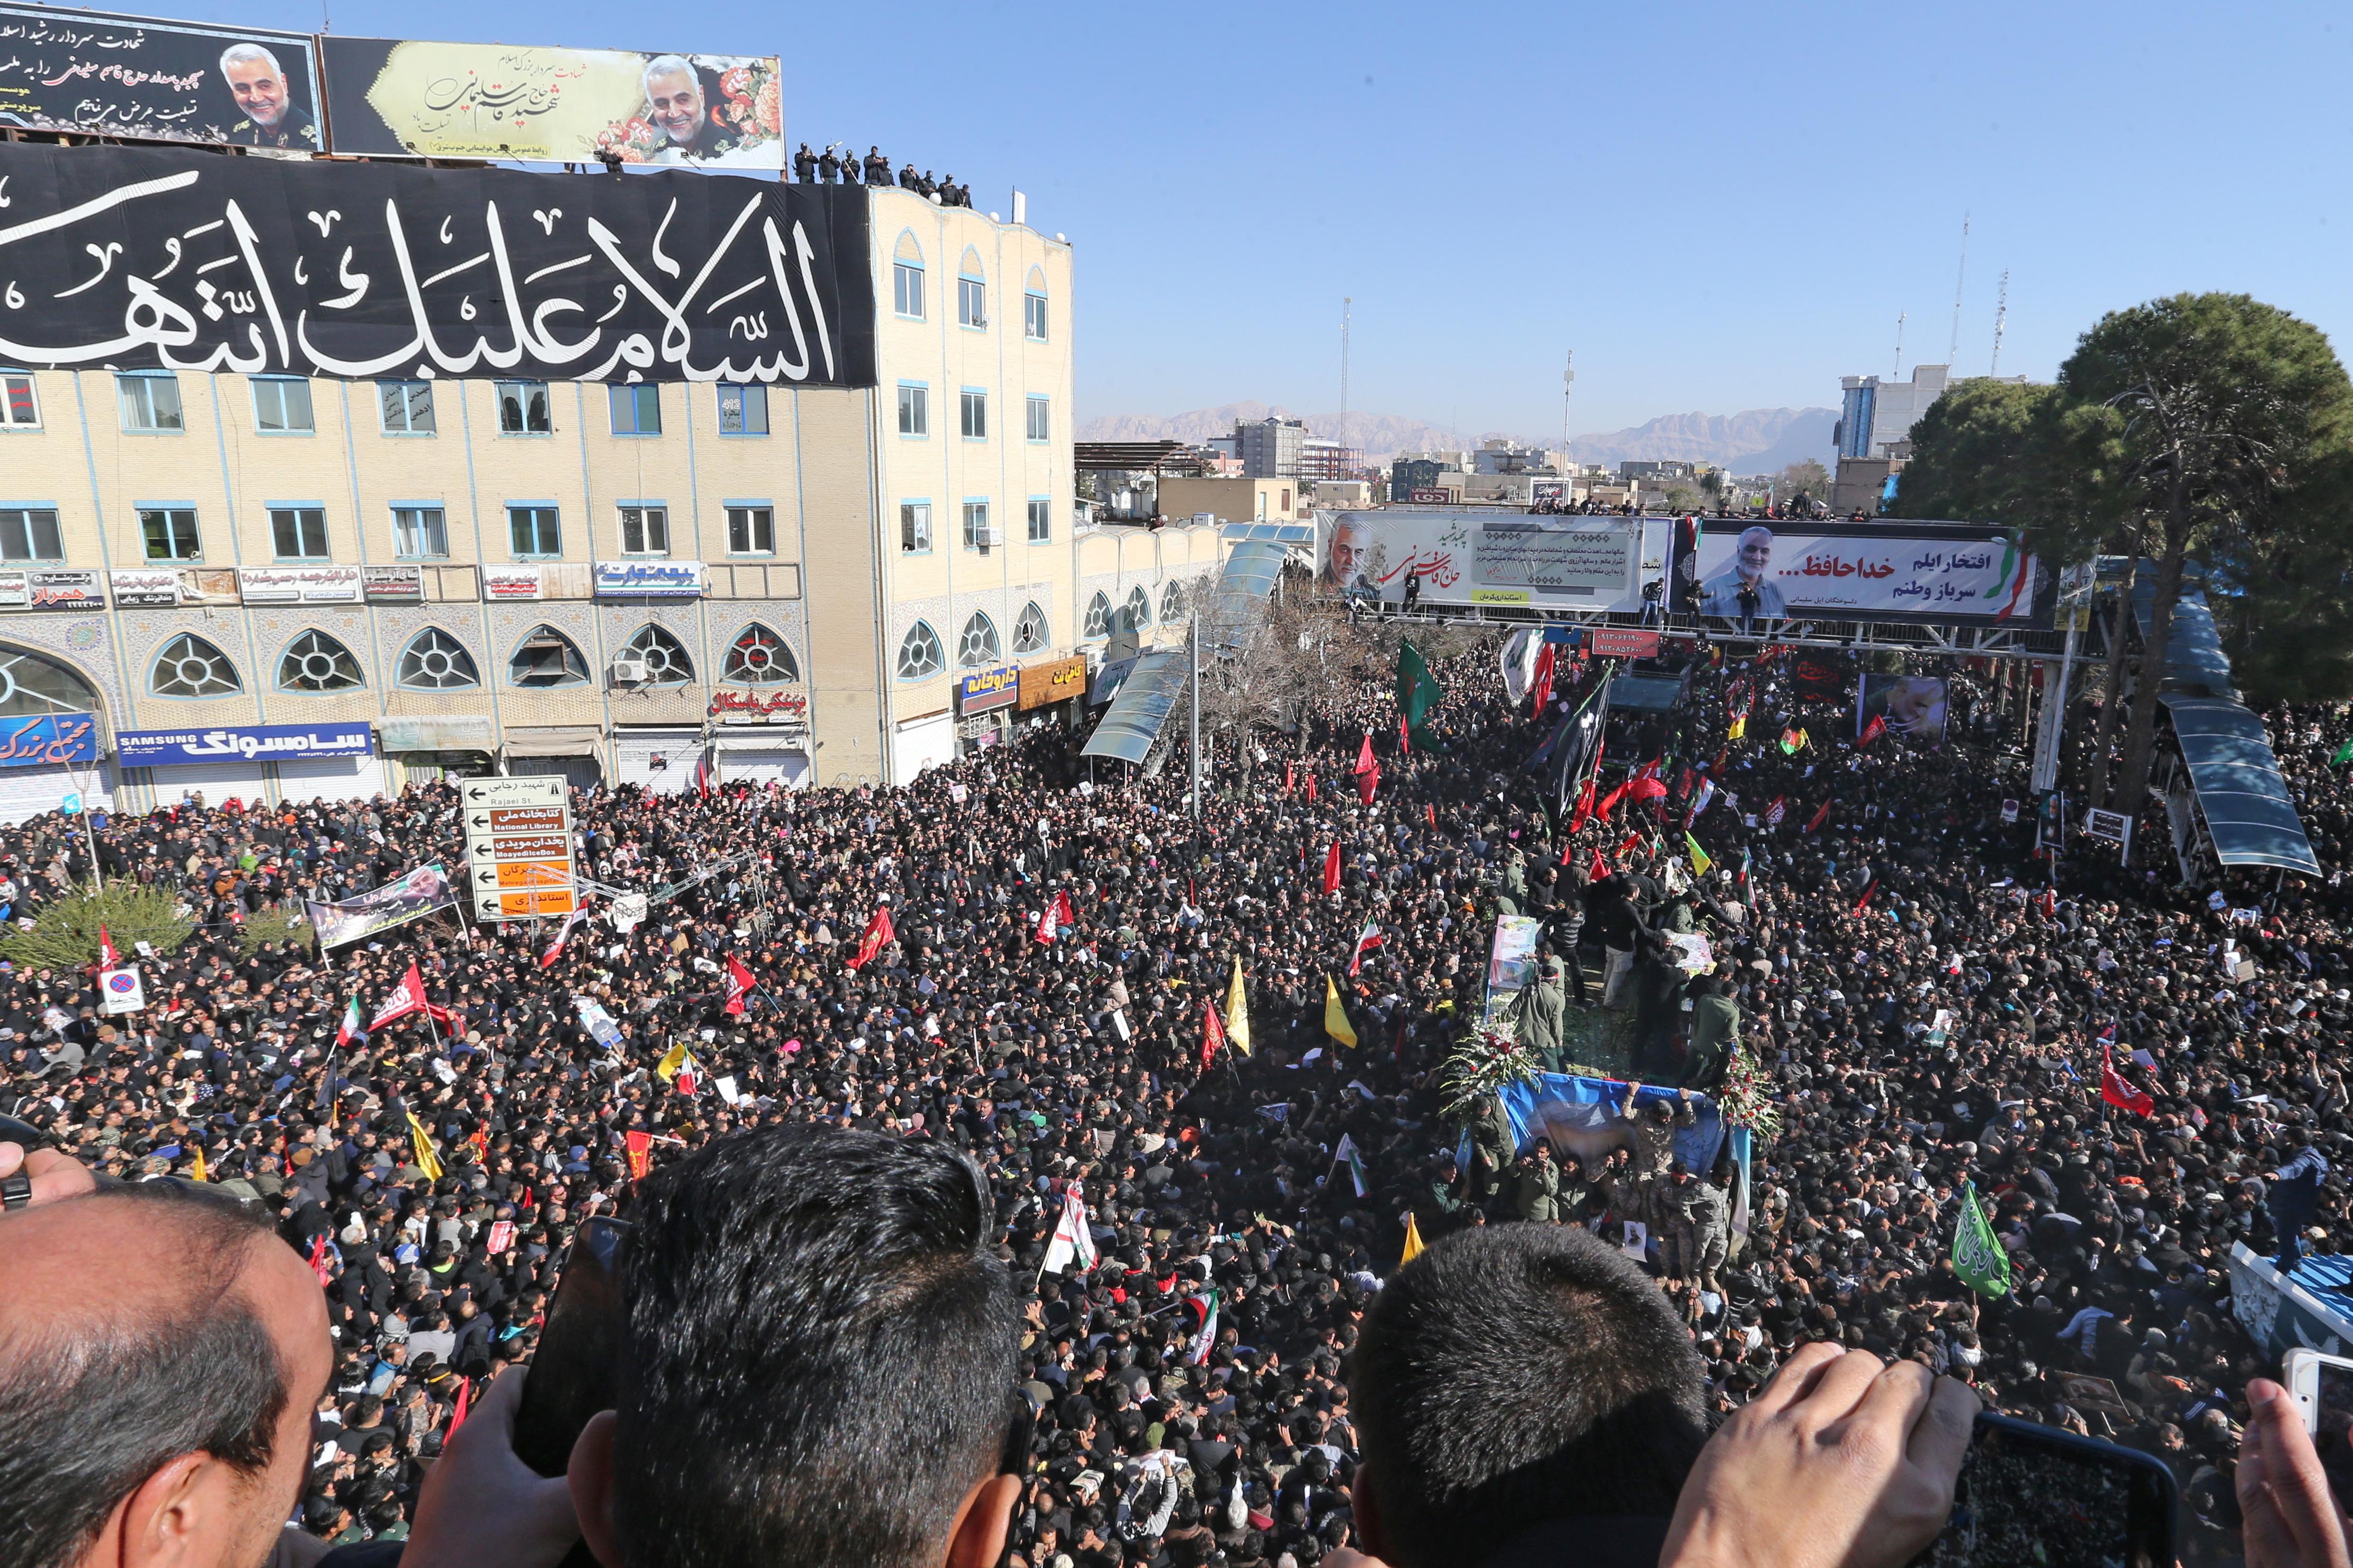 Akkora tömeg volt Szulejmani temetésén, hogy le kellett fújni az egészet